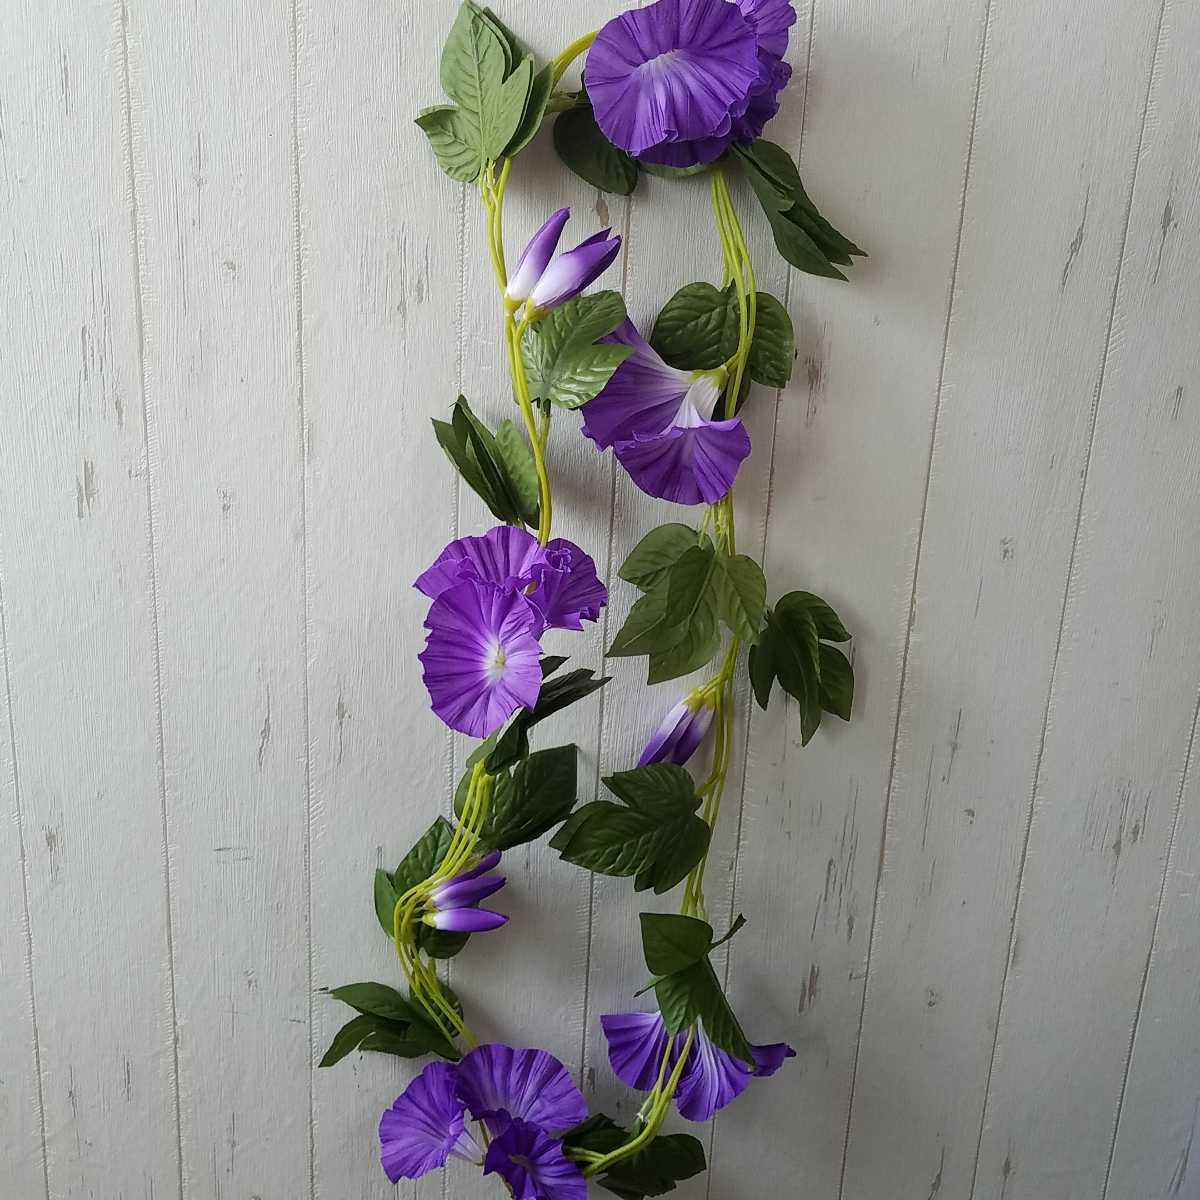 造花!紫 あさがお!長さ180センチ!3本セット!送料込み!